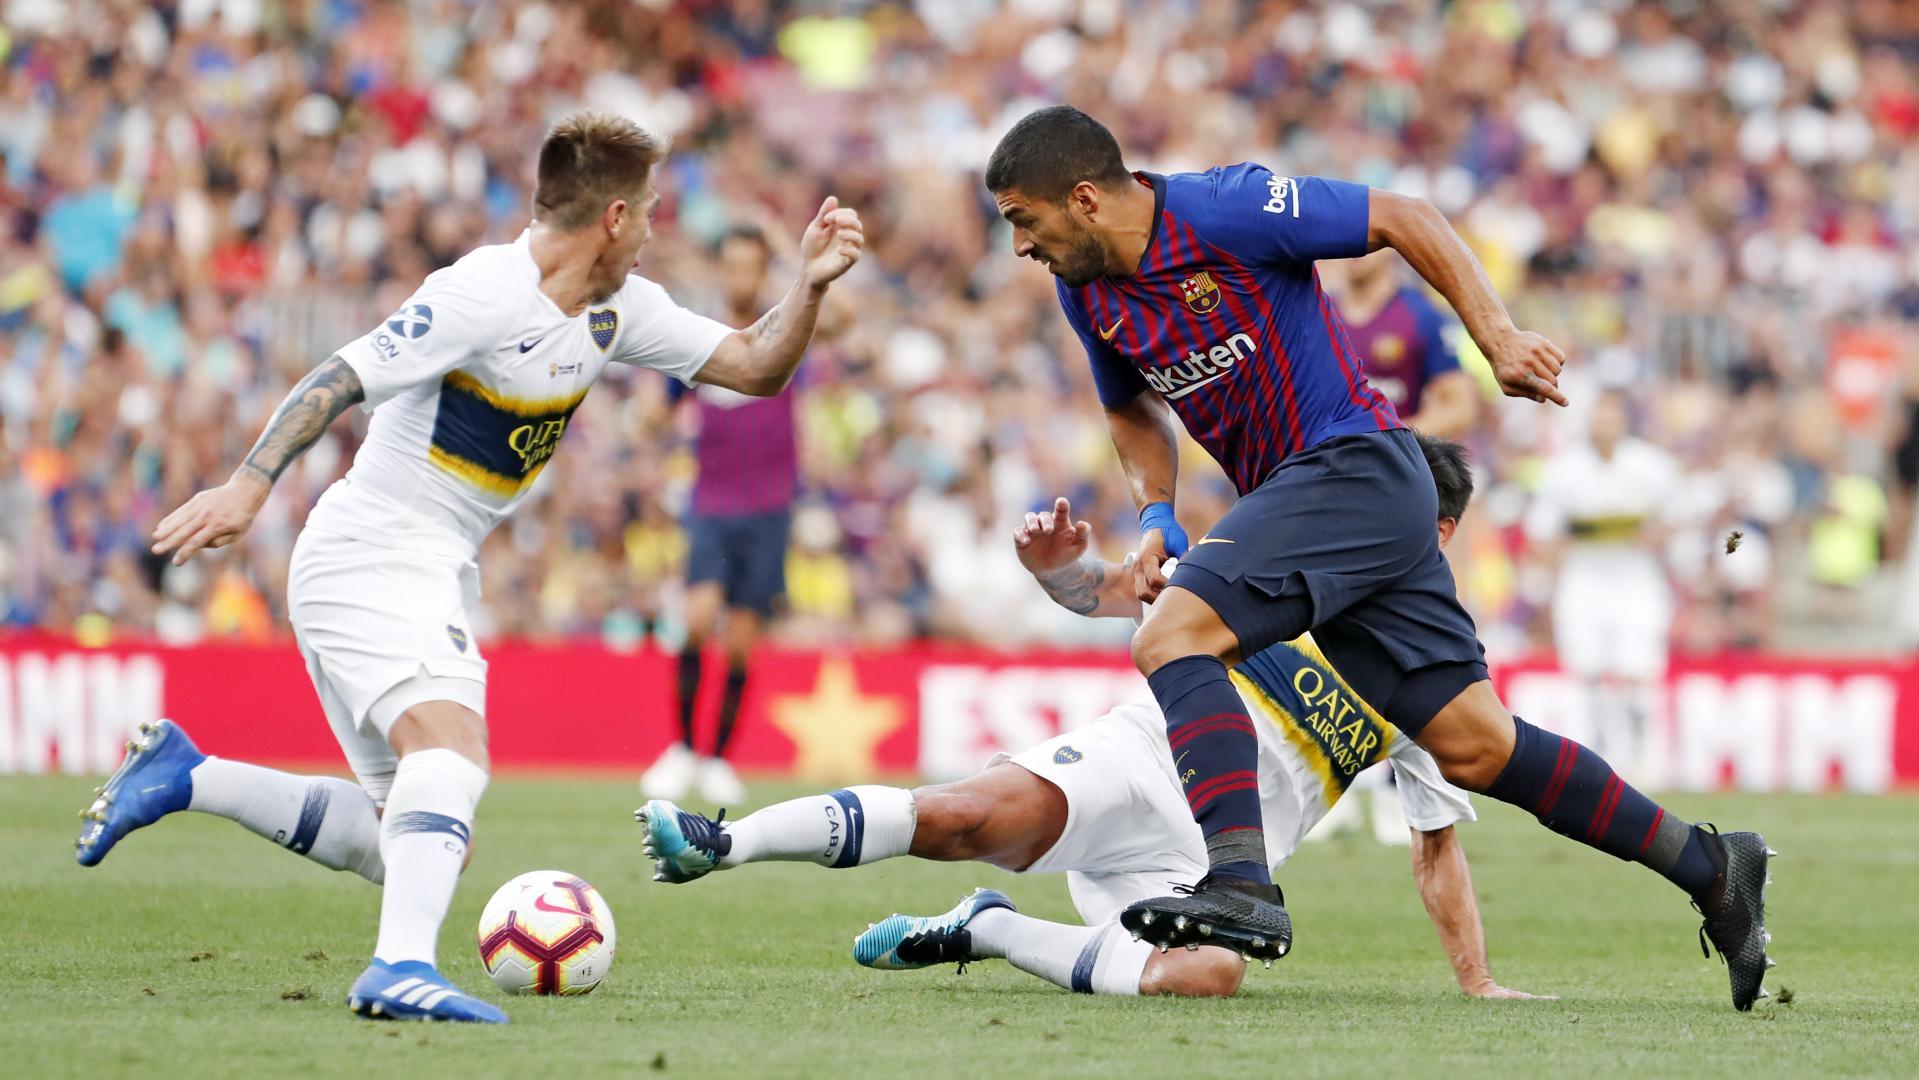 �� Aquí tienes las mejores imágenes del partido contra Boca Juniors �� https://t.co/20MwZoAZKb ���� #GamperBarça https://t.co/uxNsyygV2p